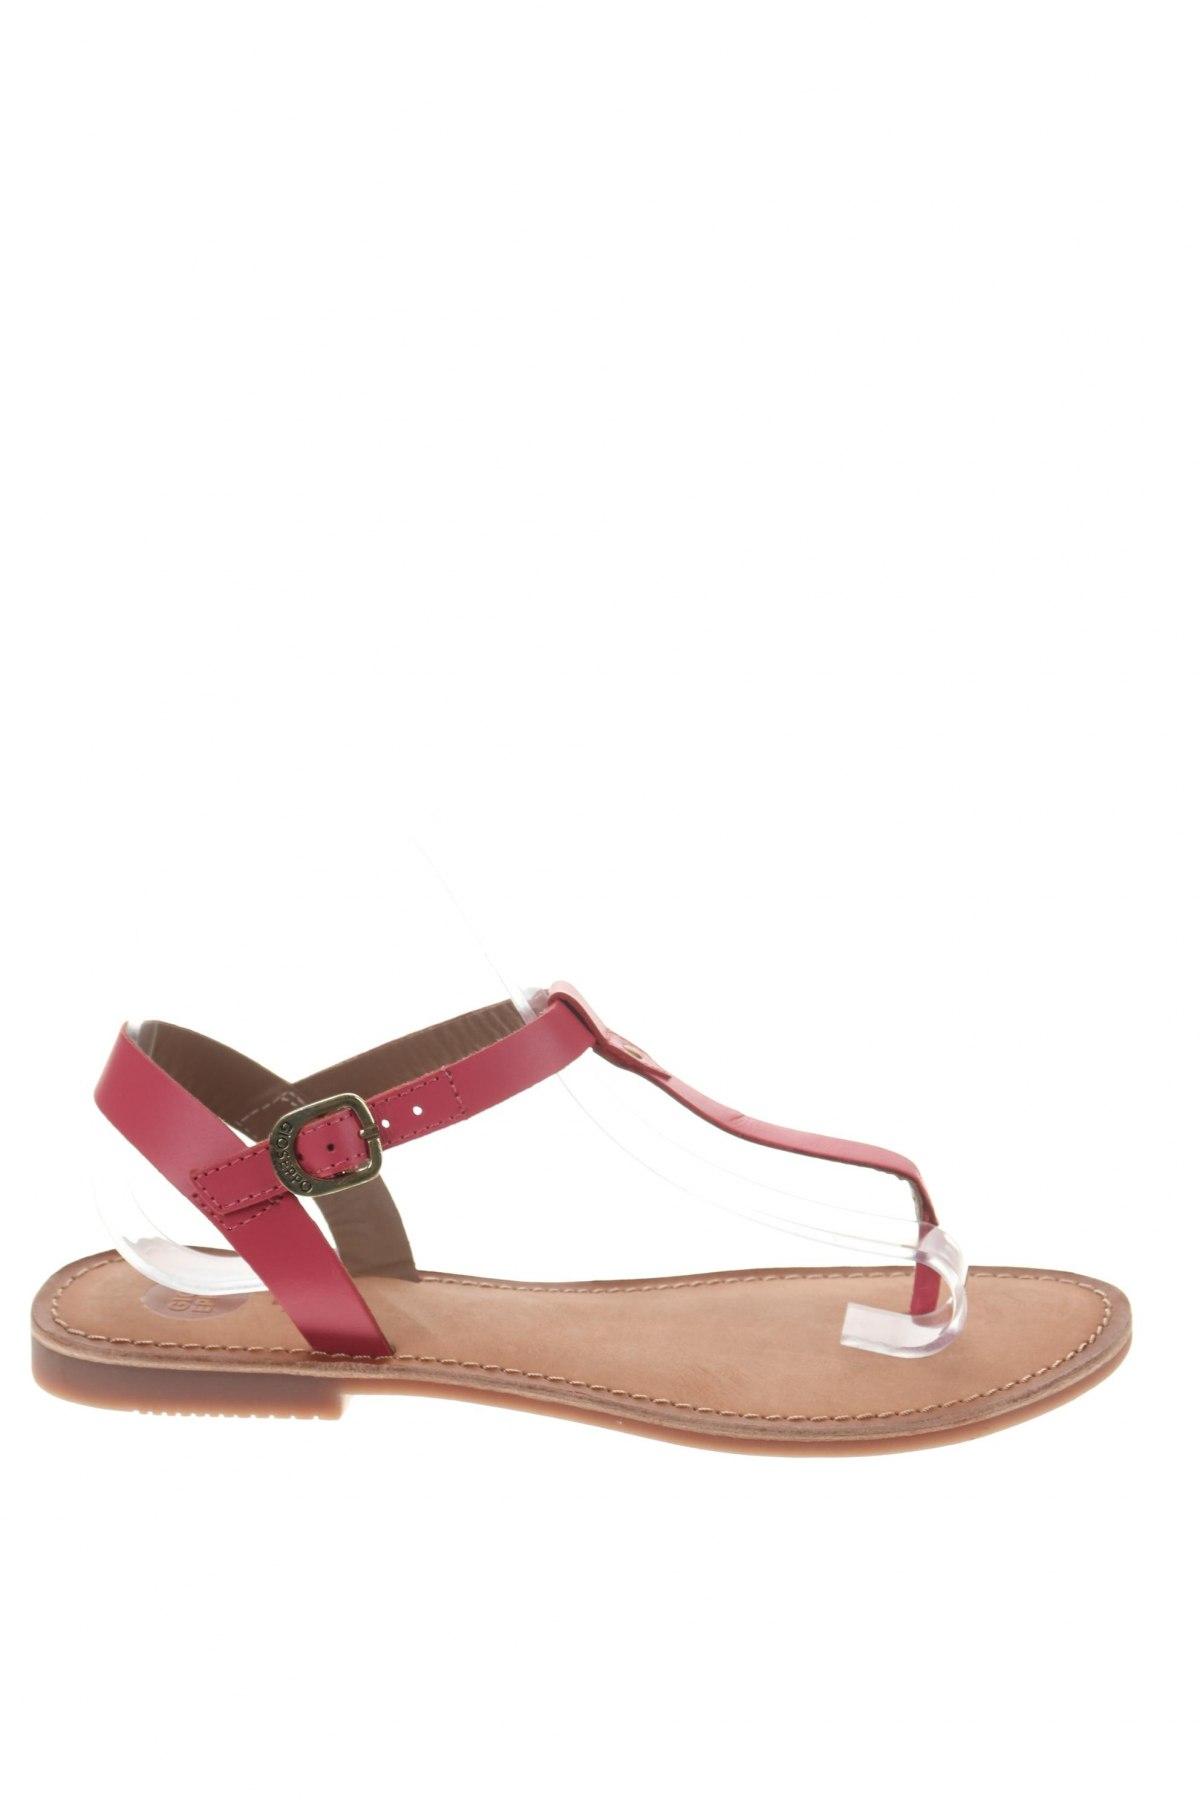 Σανδάλια Gioseppo, Μέγεθος 39, Χρώμα Ρόζ , Γνήσιο δέρμα, Τιμή 22,95€